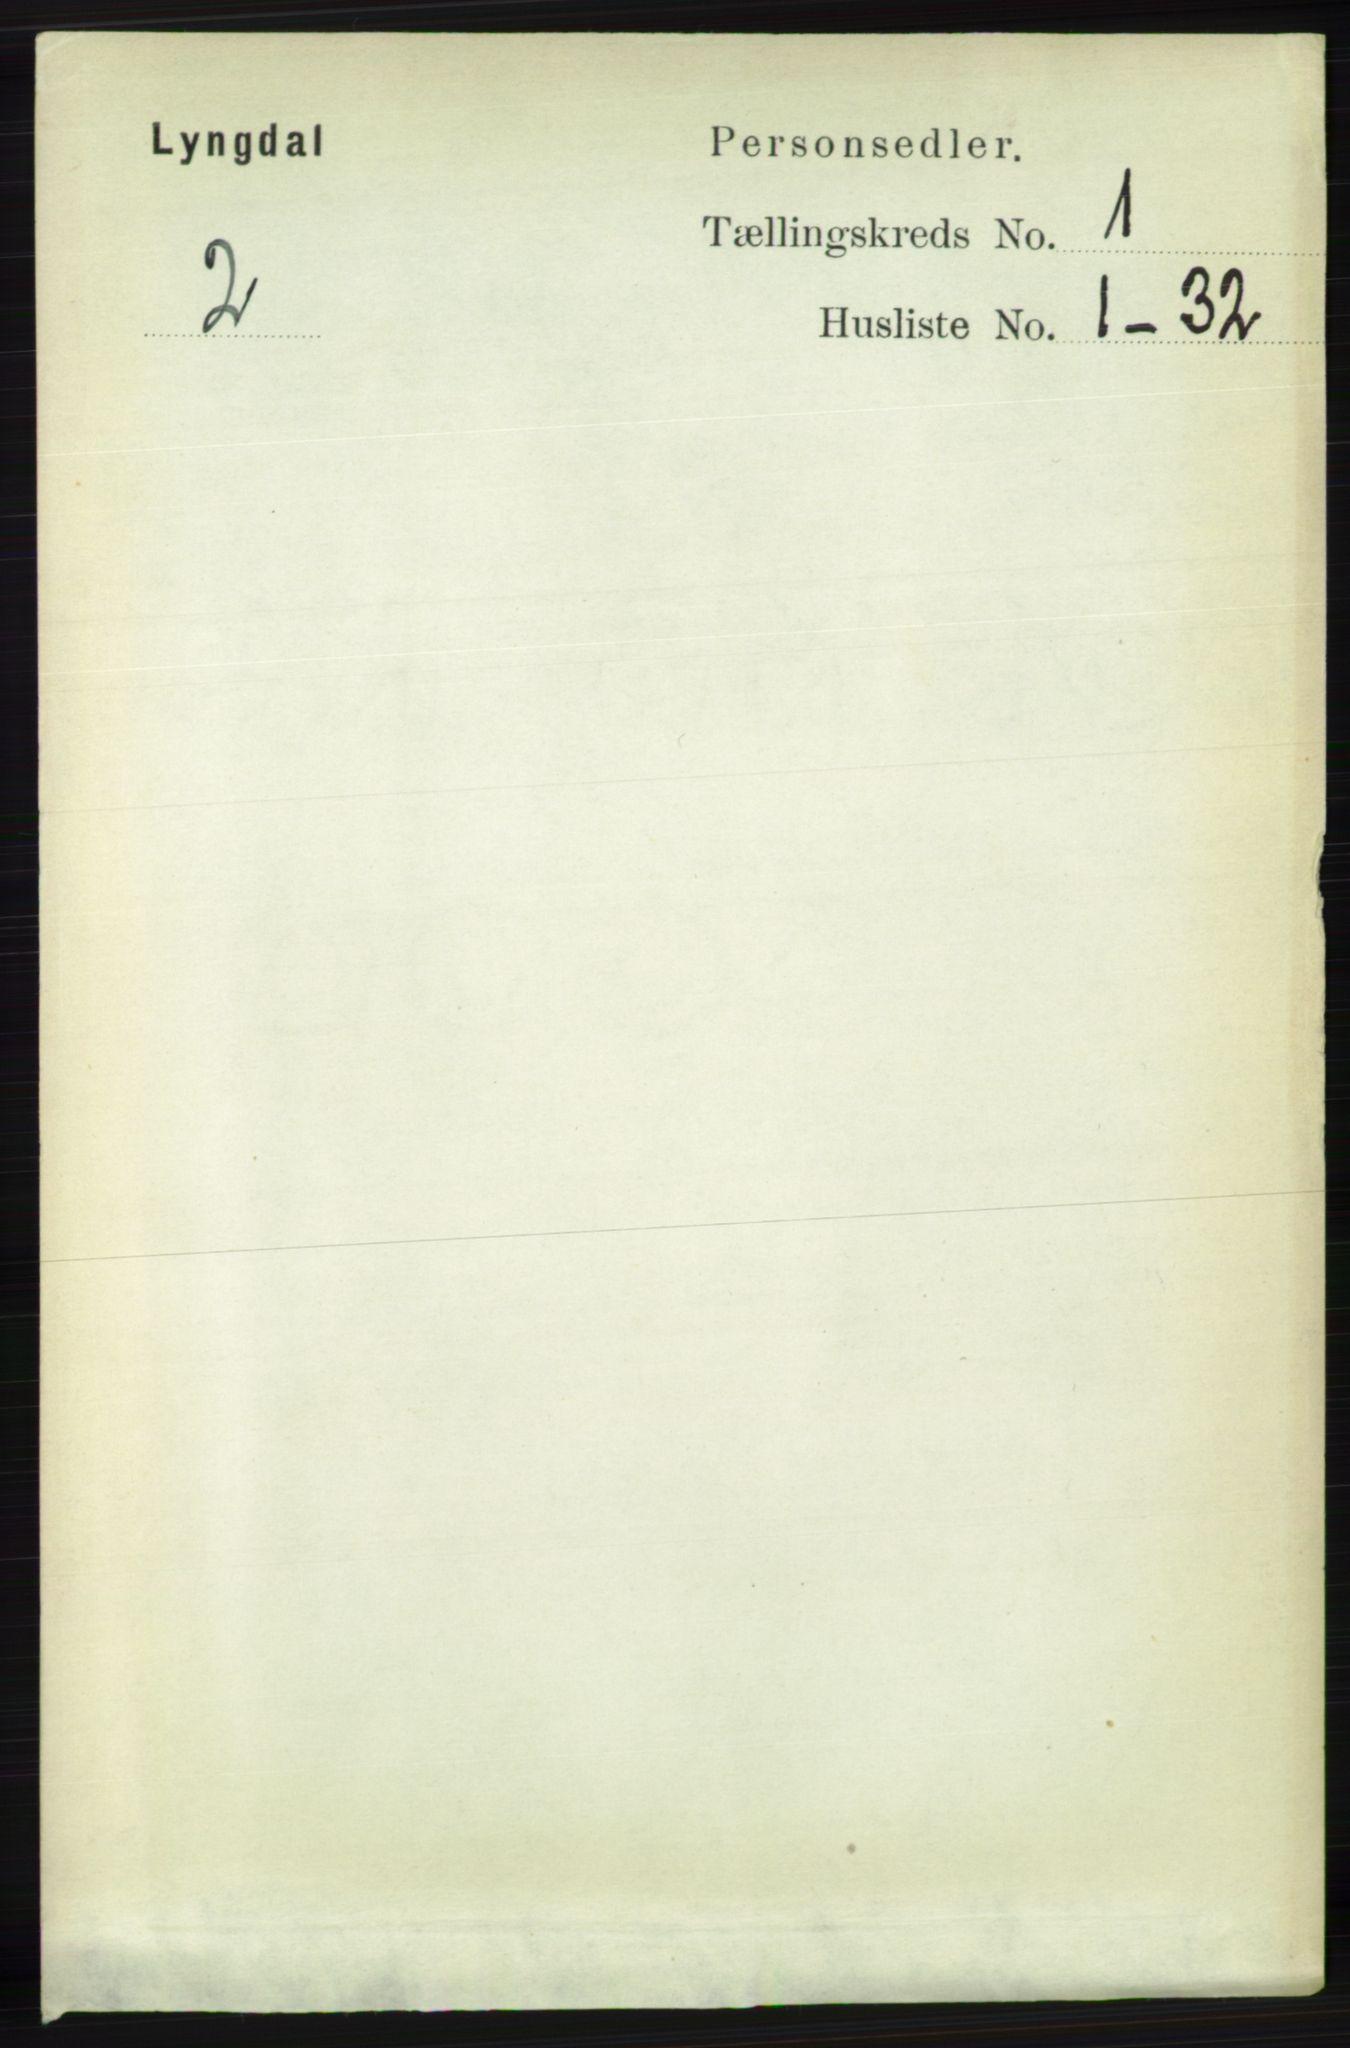 RA, Folketelling 1891 for 1032 Lyngdal herred, 1891, s. 117